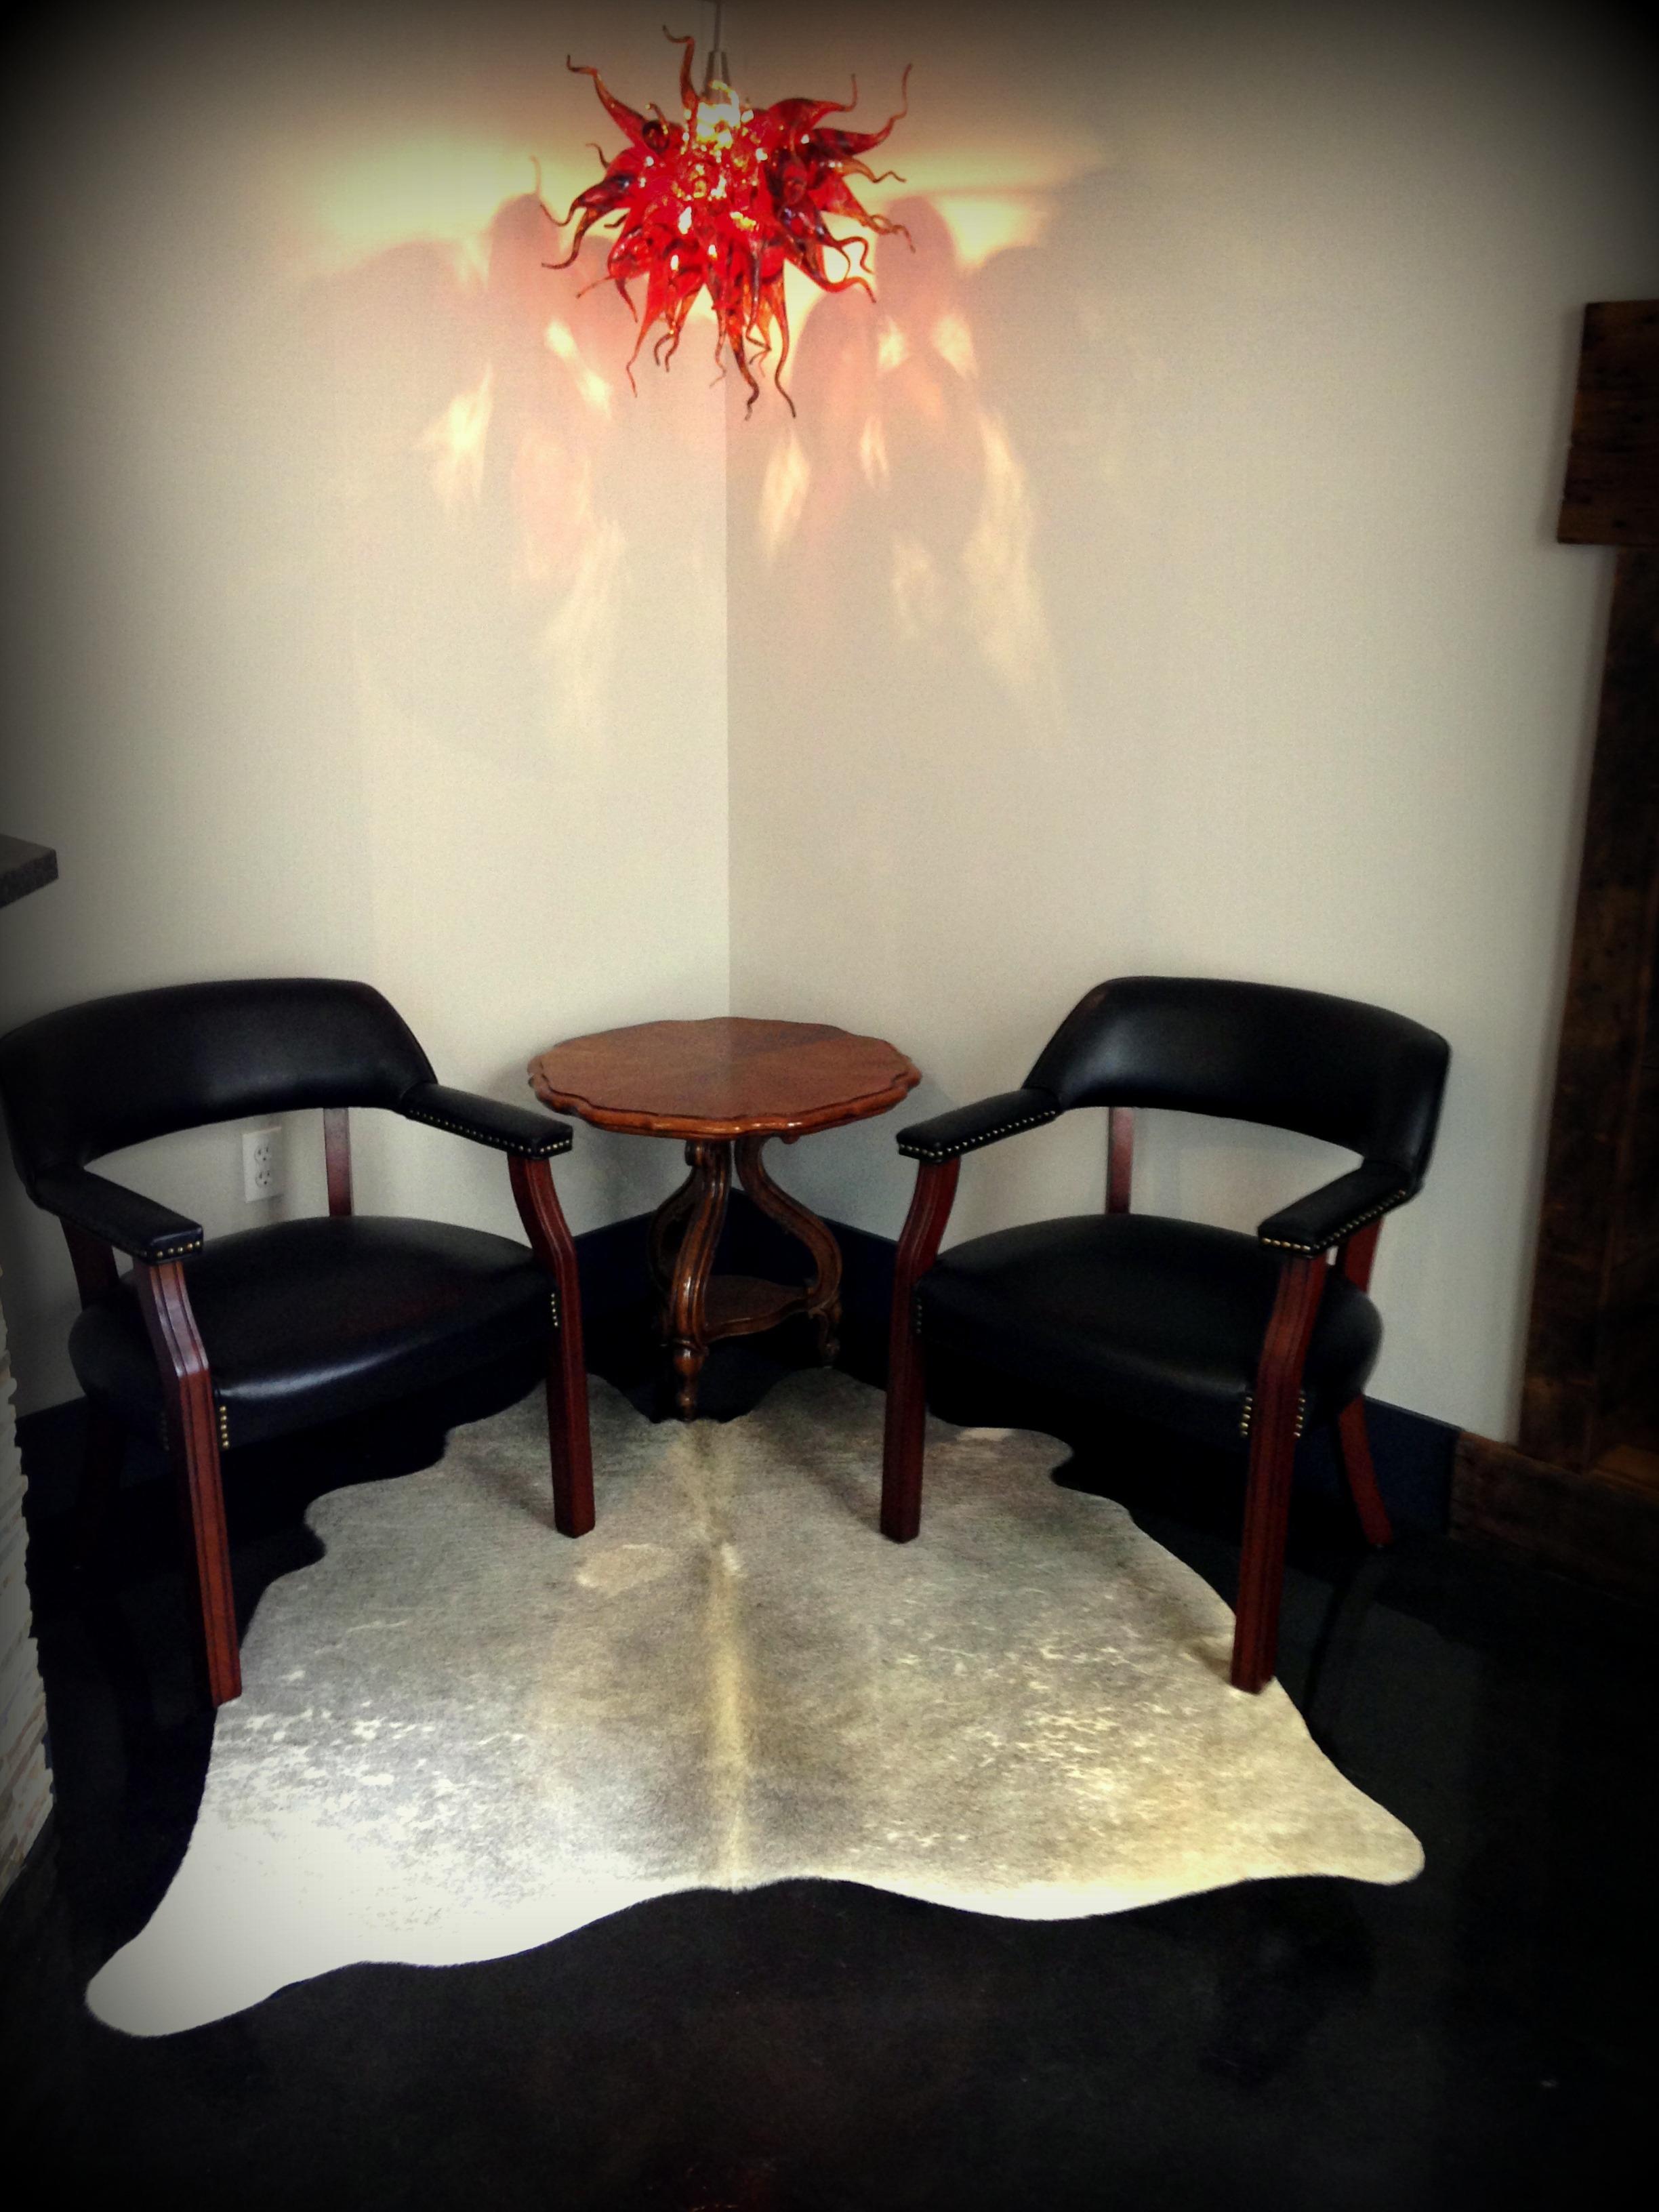 Cowhide rug in corner